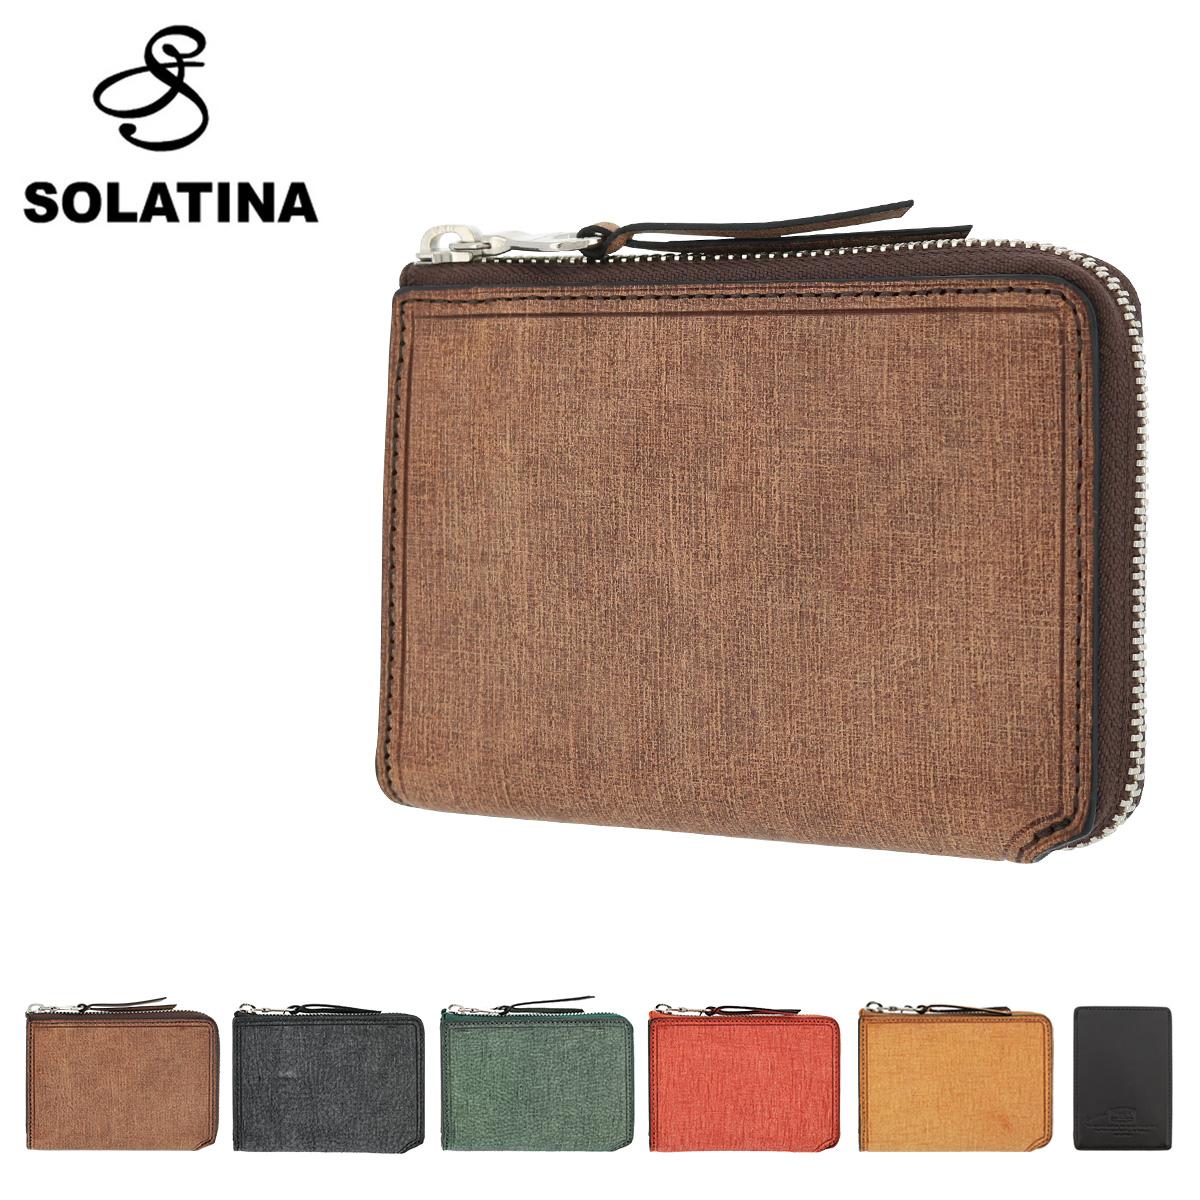 ソラチナ 二つ折り財布 L字ファスナー バベル メンズ SW-70012 SOLATINA | 本革 イタリアンレザー カーフ パスケース付 ブランド専用BOX付き [PO10][bef]